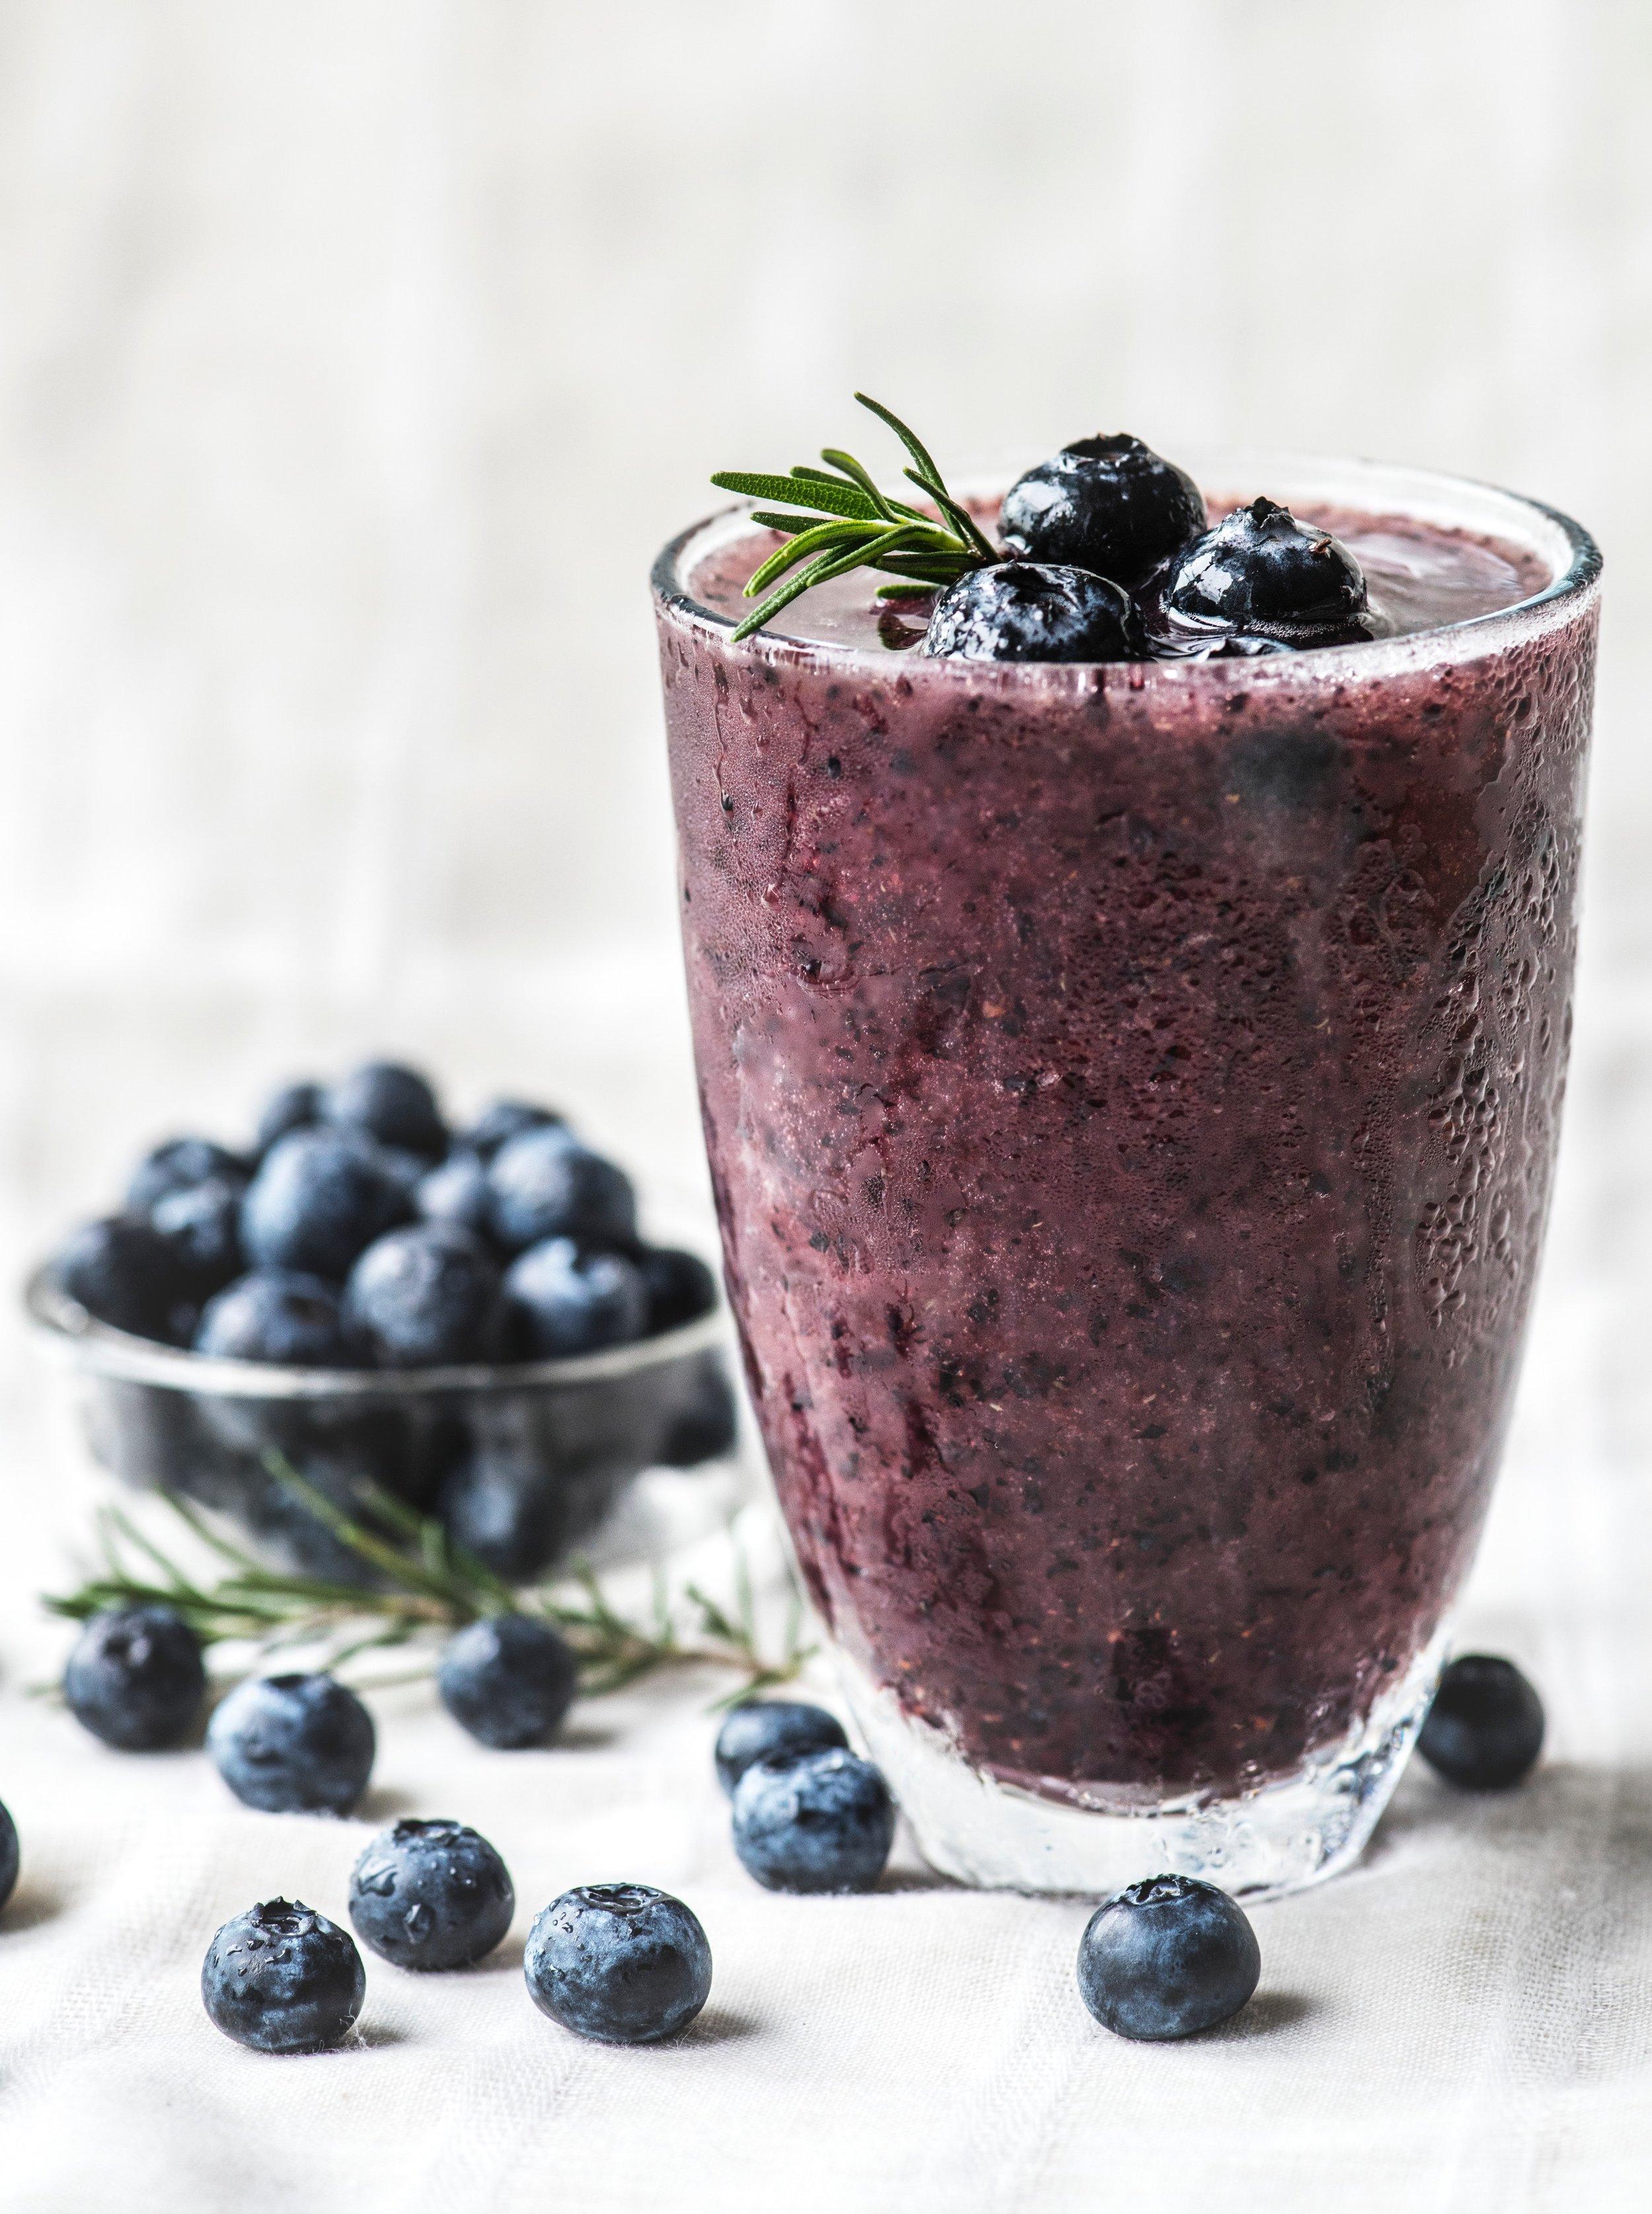 antioxidant-berries-beverage-1842615.jpg